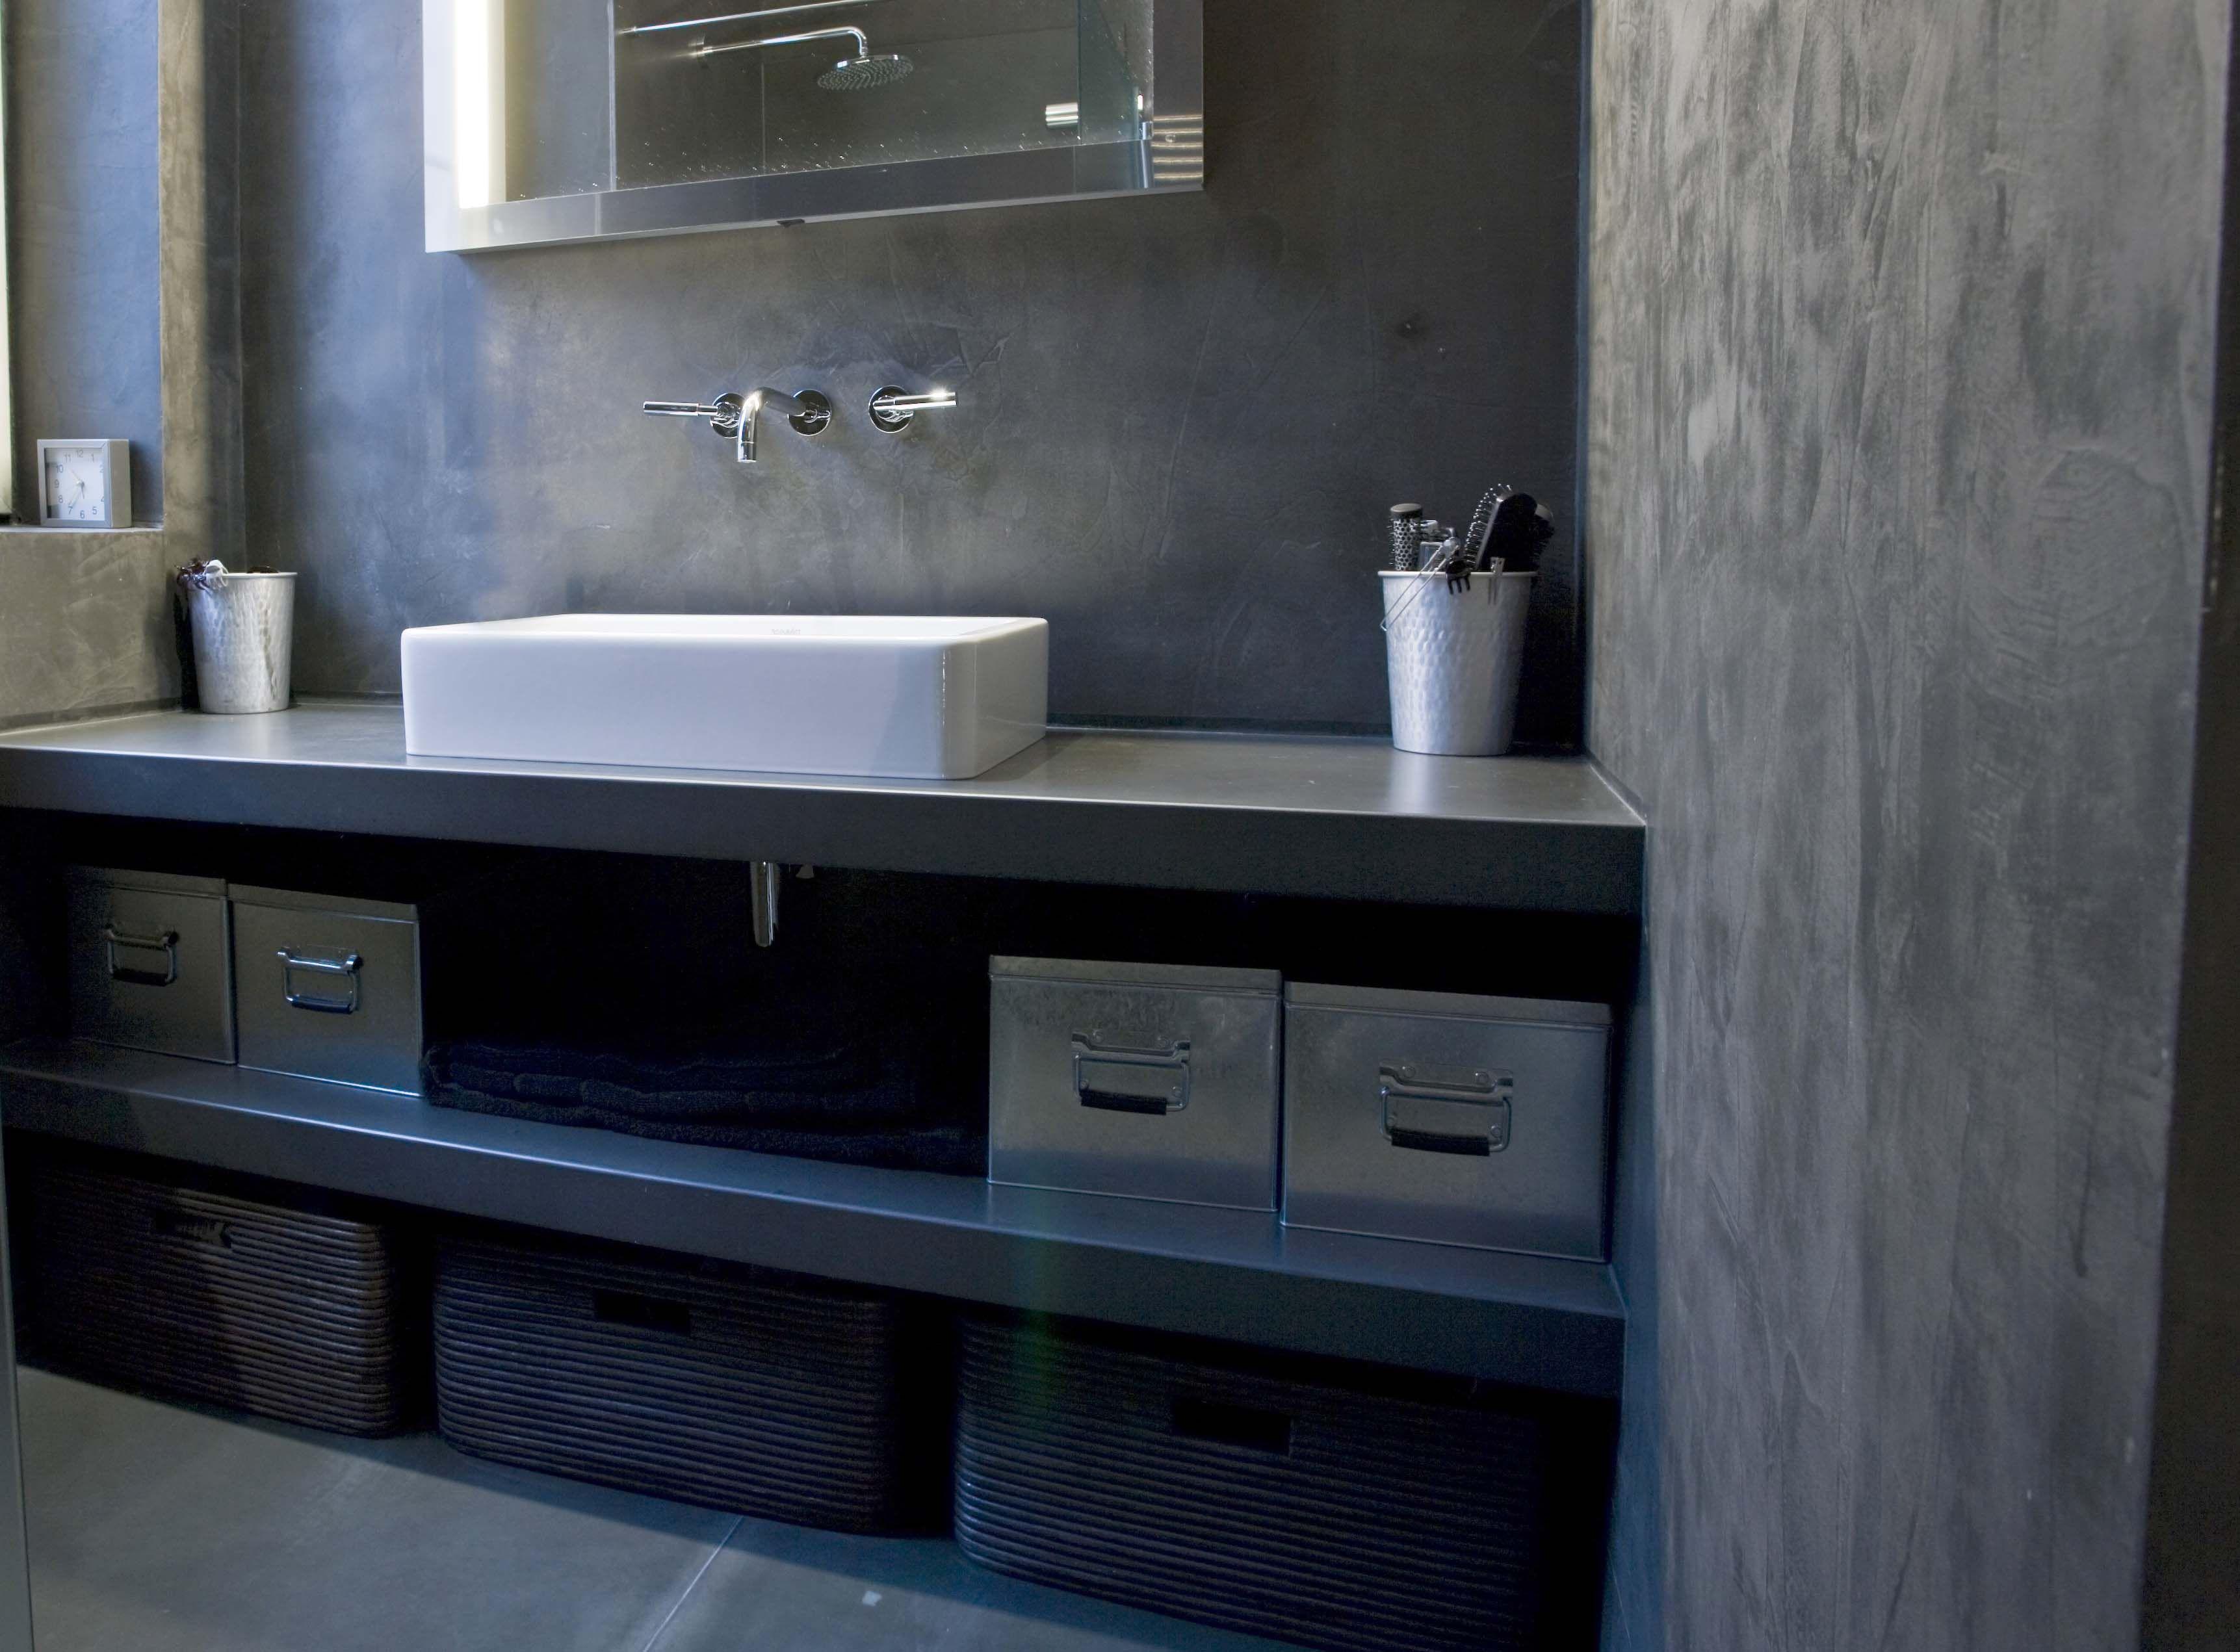 Beton Ciré Salle De Bain salle de bain | salle de bains béton ciré, rénovation salle